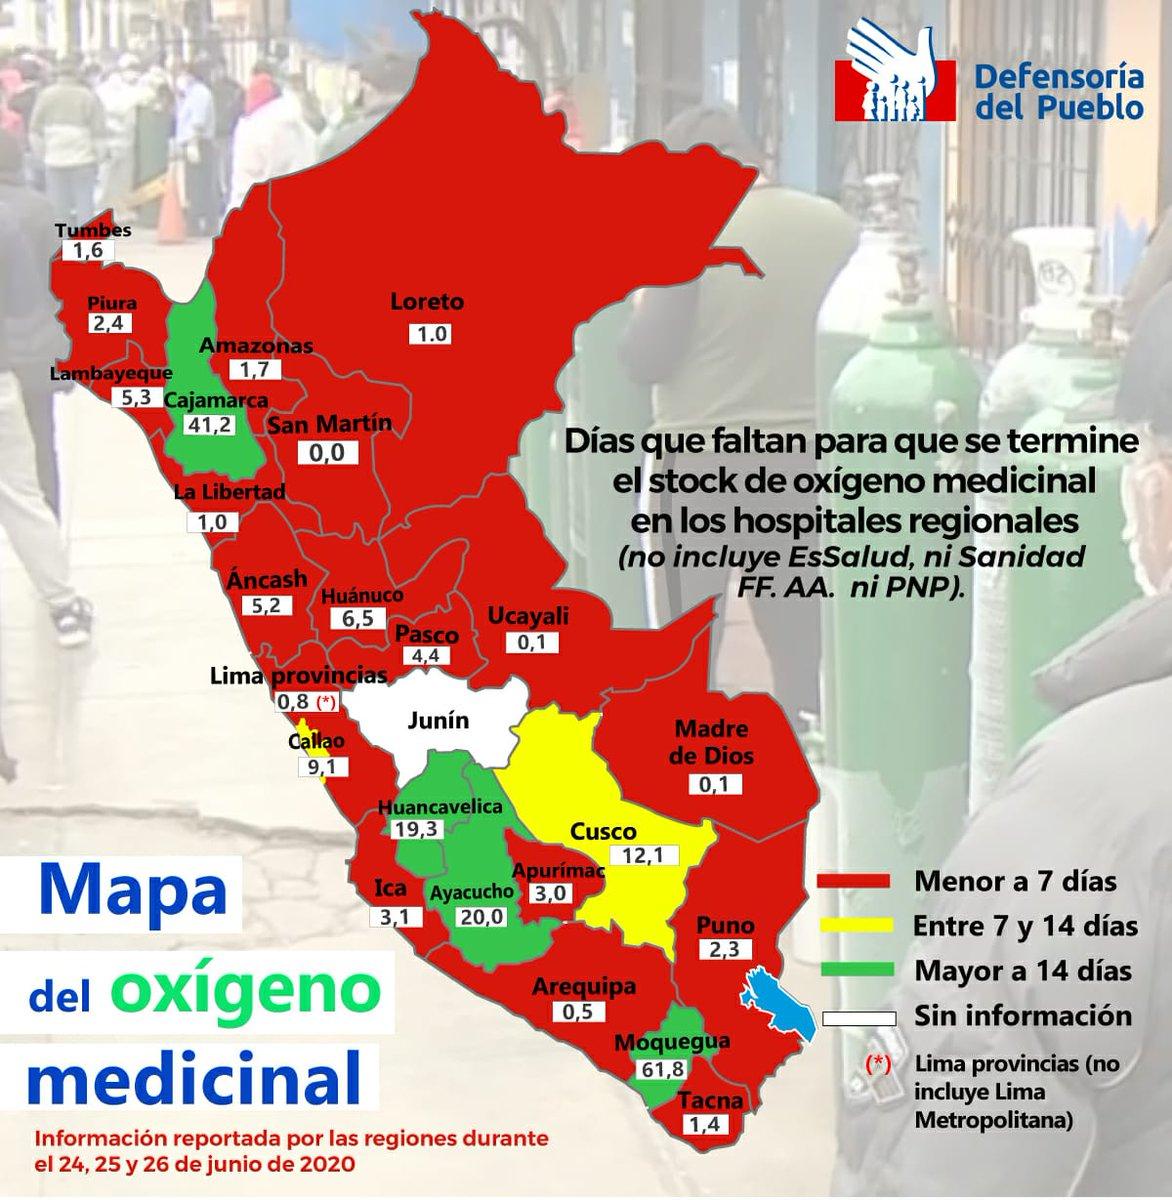 😷 SIN OXÍGENO CONTRA LA PANDEMIA🚨 La región San Martín carece de stock de oxígeno y otras cinco #regiones sólo cuentan con reservas para 12 horas en la lucha contra el #COVID-19 según @Defensoria_Peru. Revisa también #ConvocaVerifica sobre mascarillas▶️  https://t.co/bR1iTRLlMP https://t.co/wrTsLs9ecr